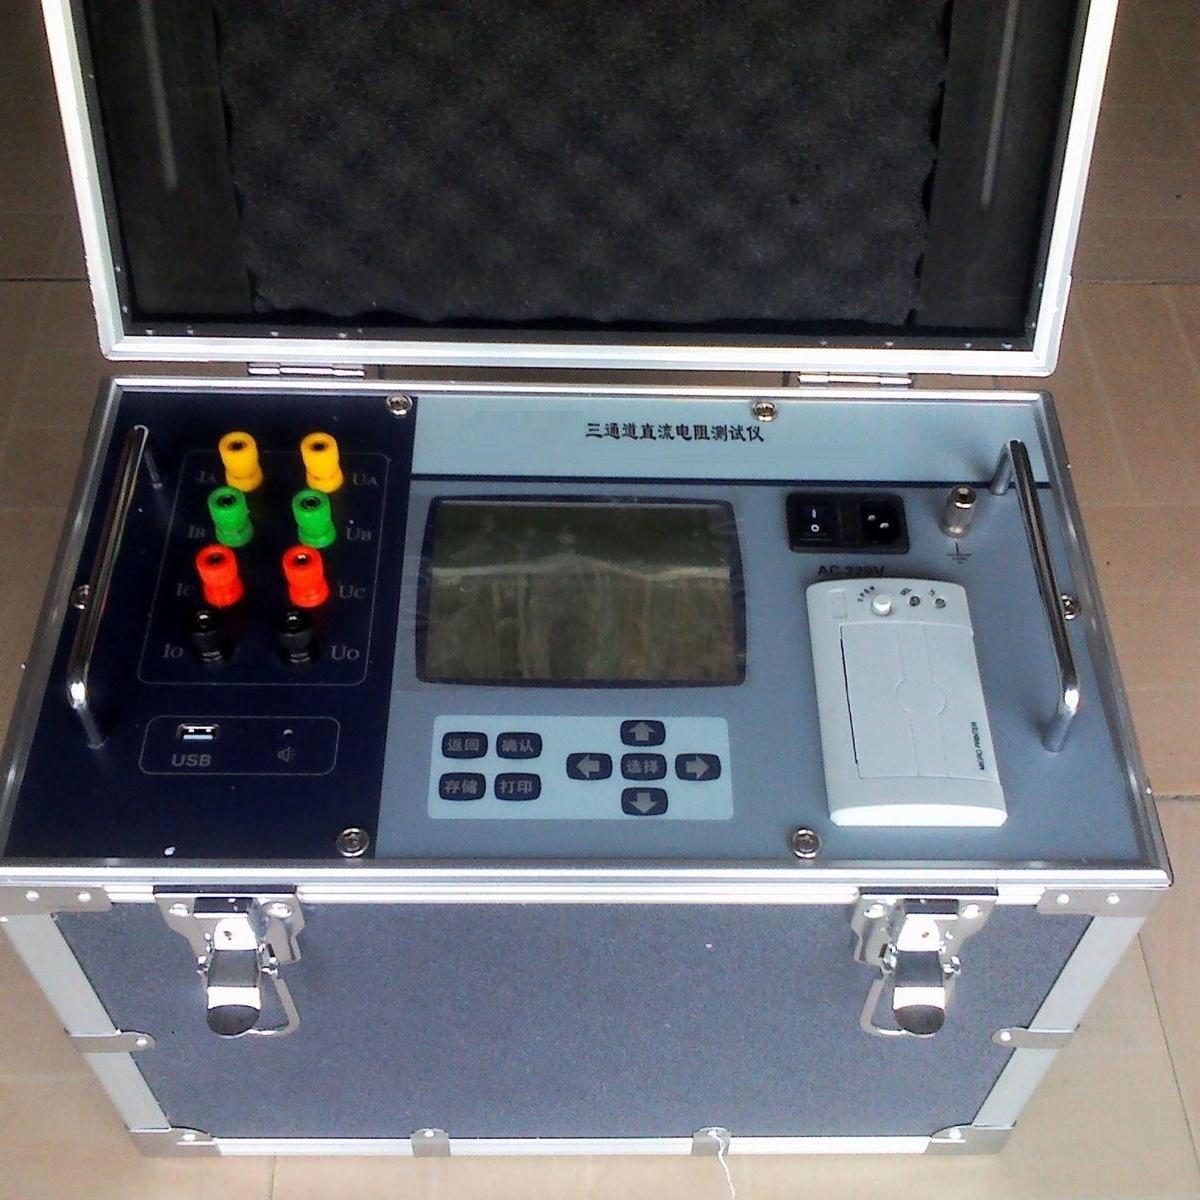 江苏省承装承试设备接地成组直流电阻测试仪